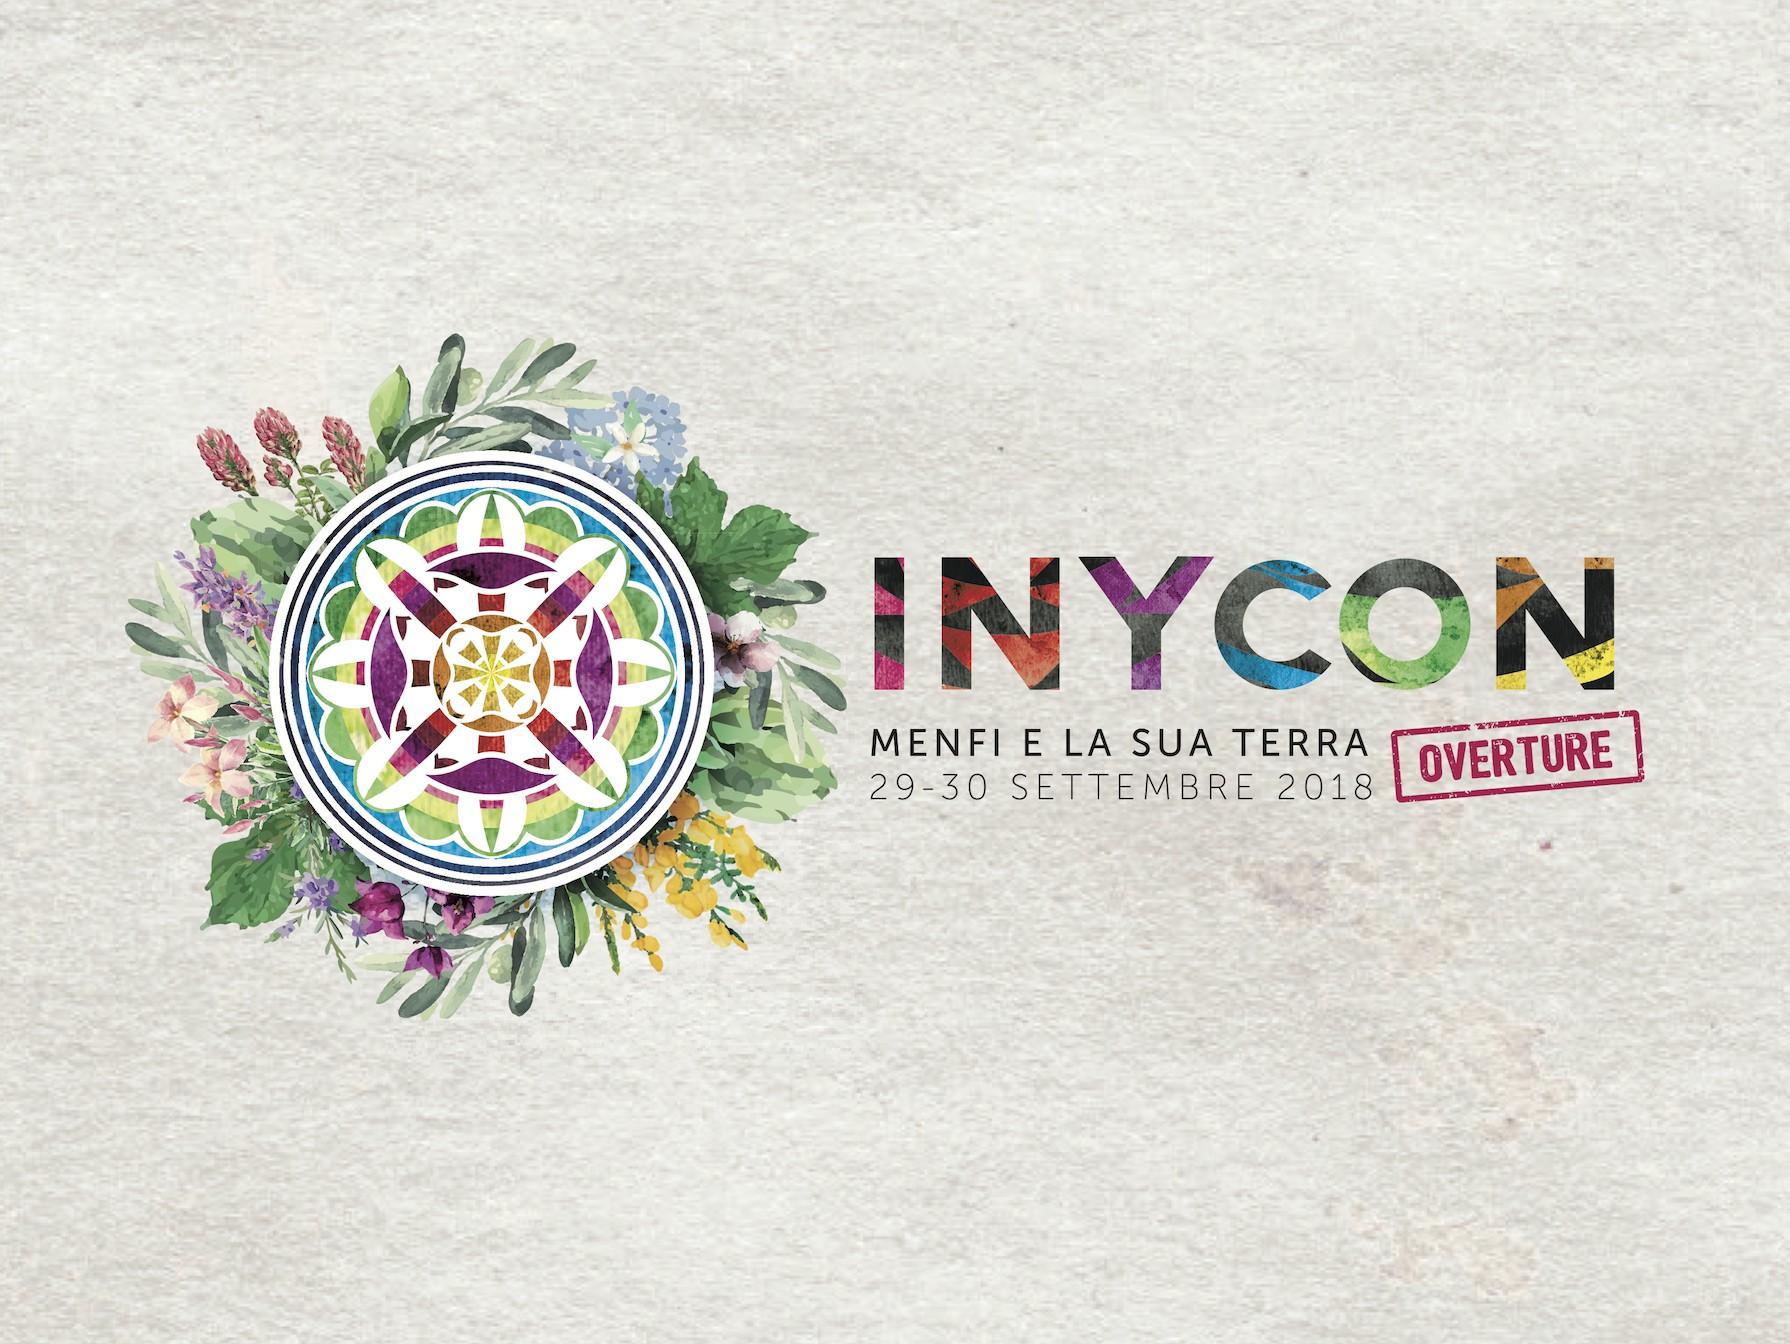 Immagine: Vino, il 29 e 30 settembre 2018 la 23ma edizione di Inycon. In piazza la terra delle contrade